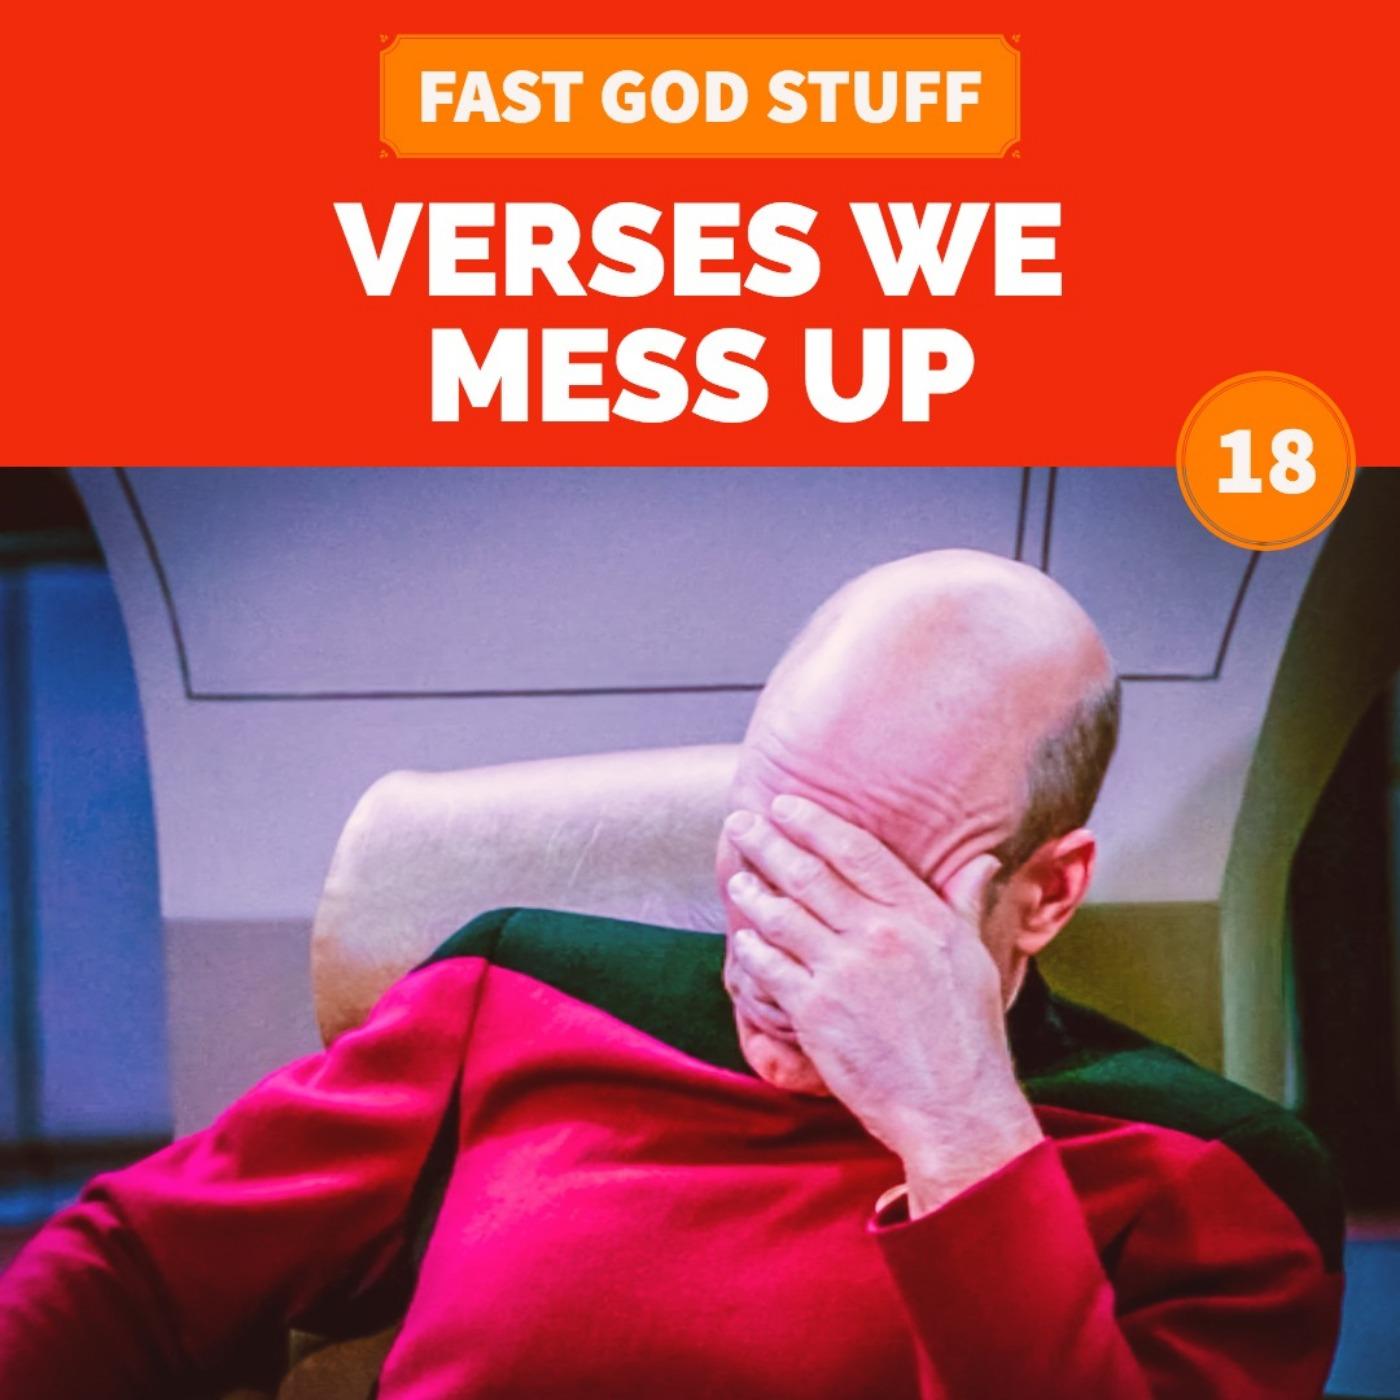 Verses We Mess Up